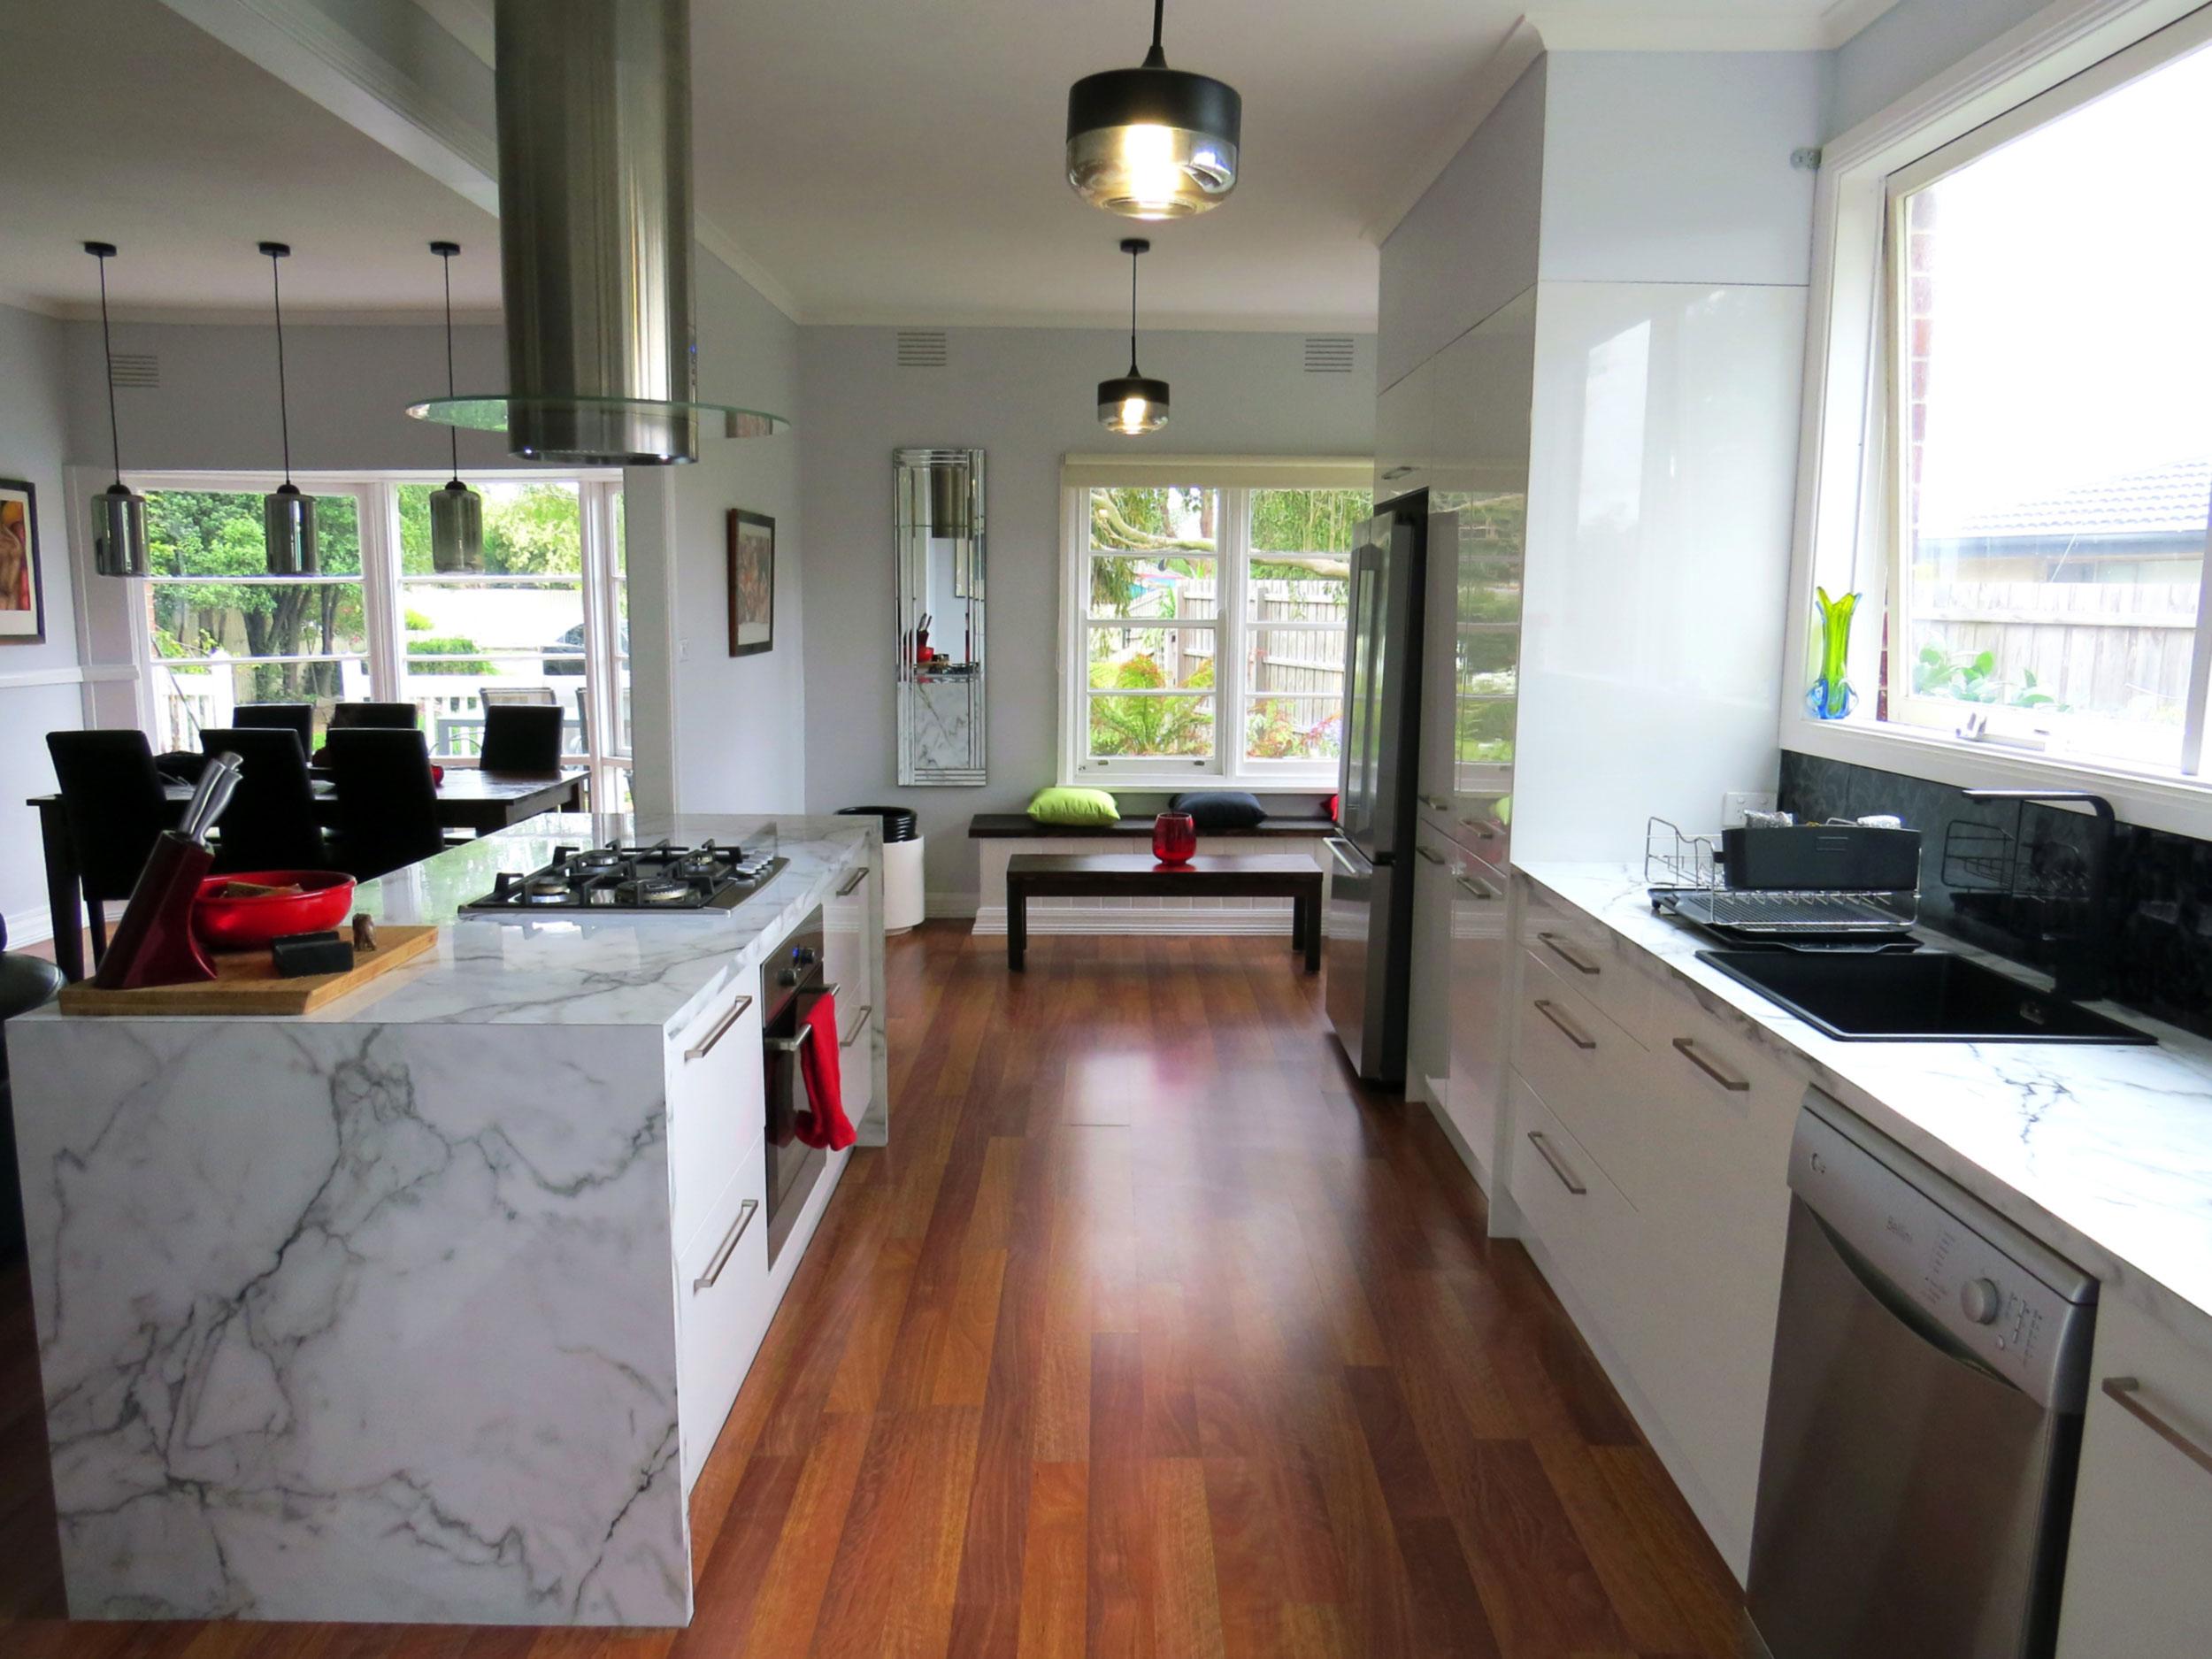 Kitchens 4 Less - Melbourne kitchen renovators